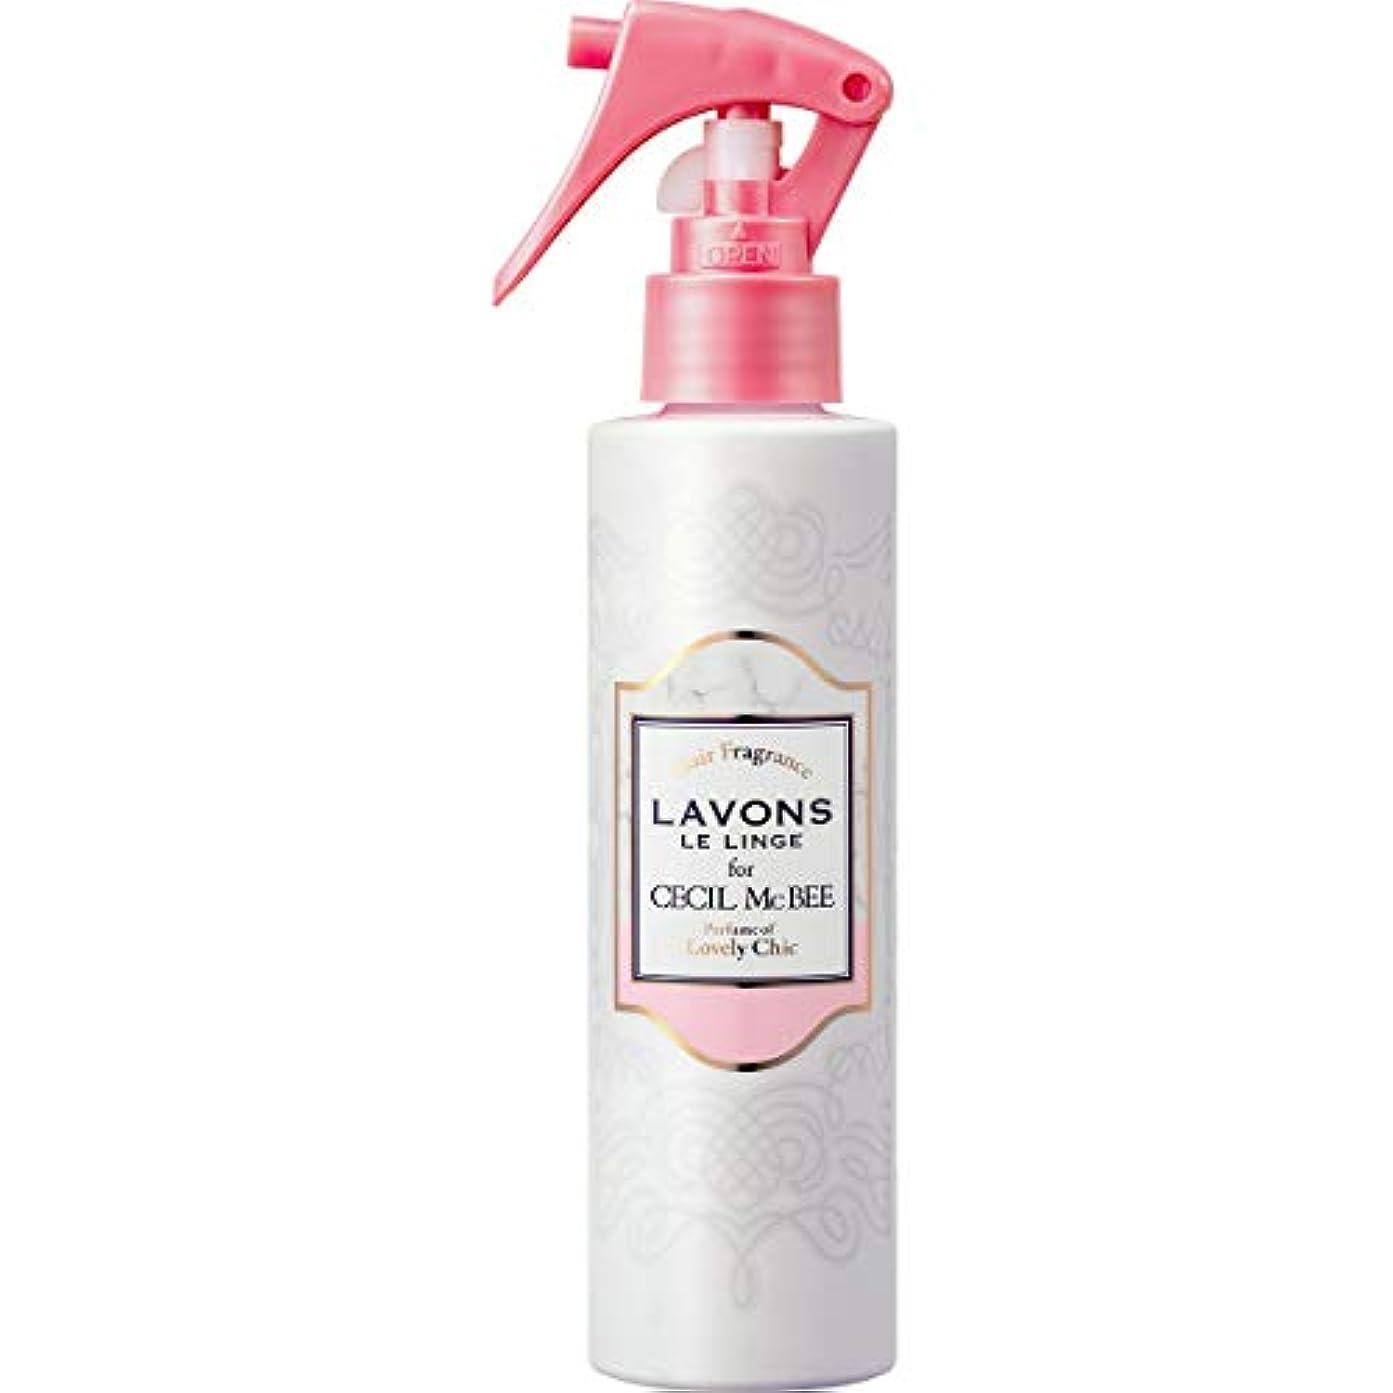 グラディス事業内容少ないラボン for CECIL McBEE ヘアフレグランスミスト ラブリーシックの香り 150ml